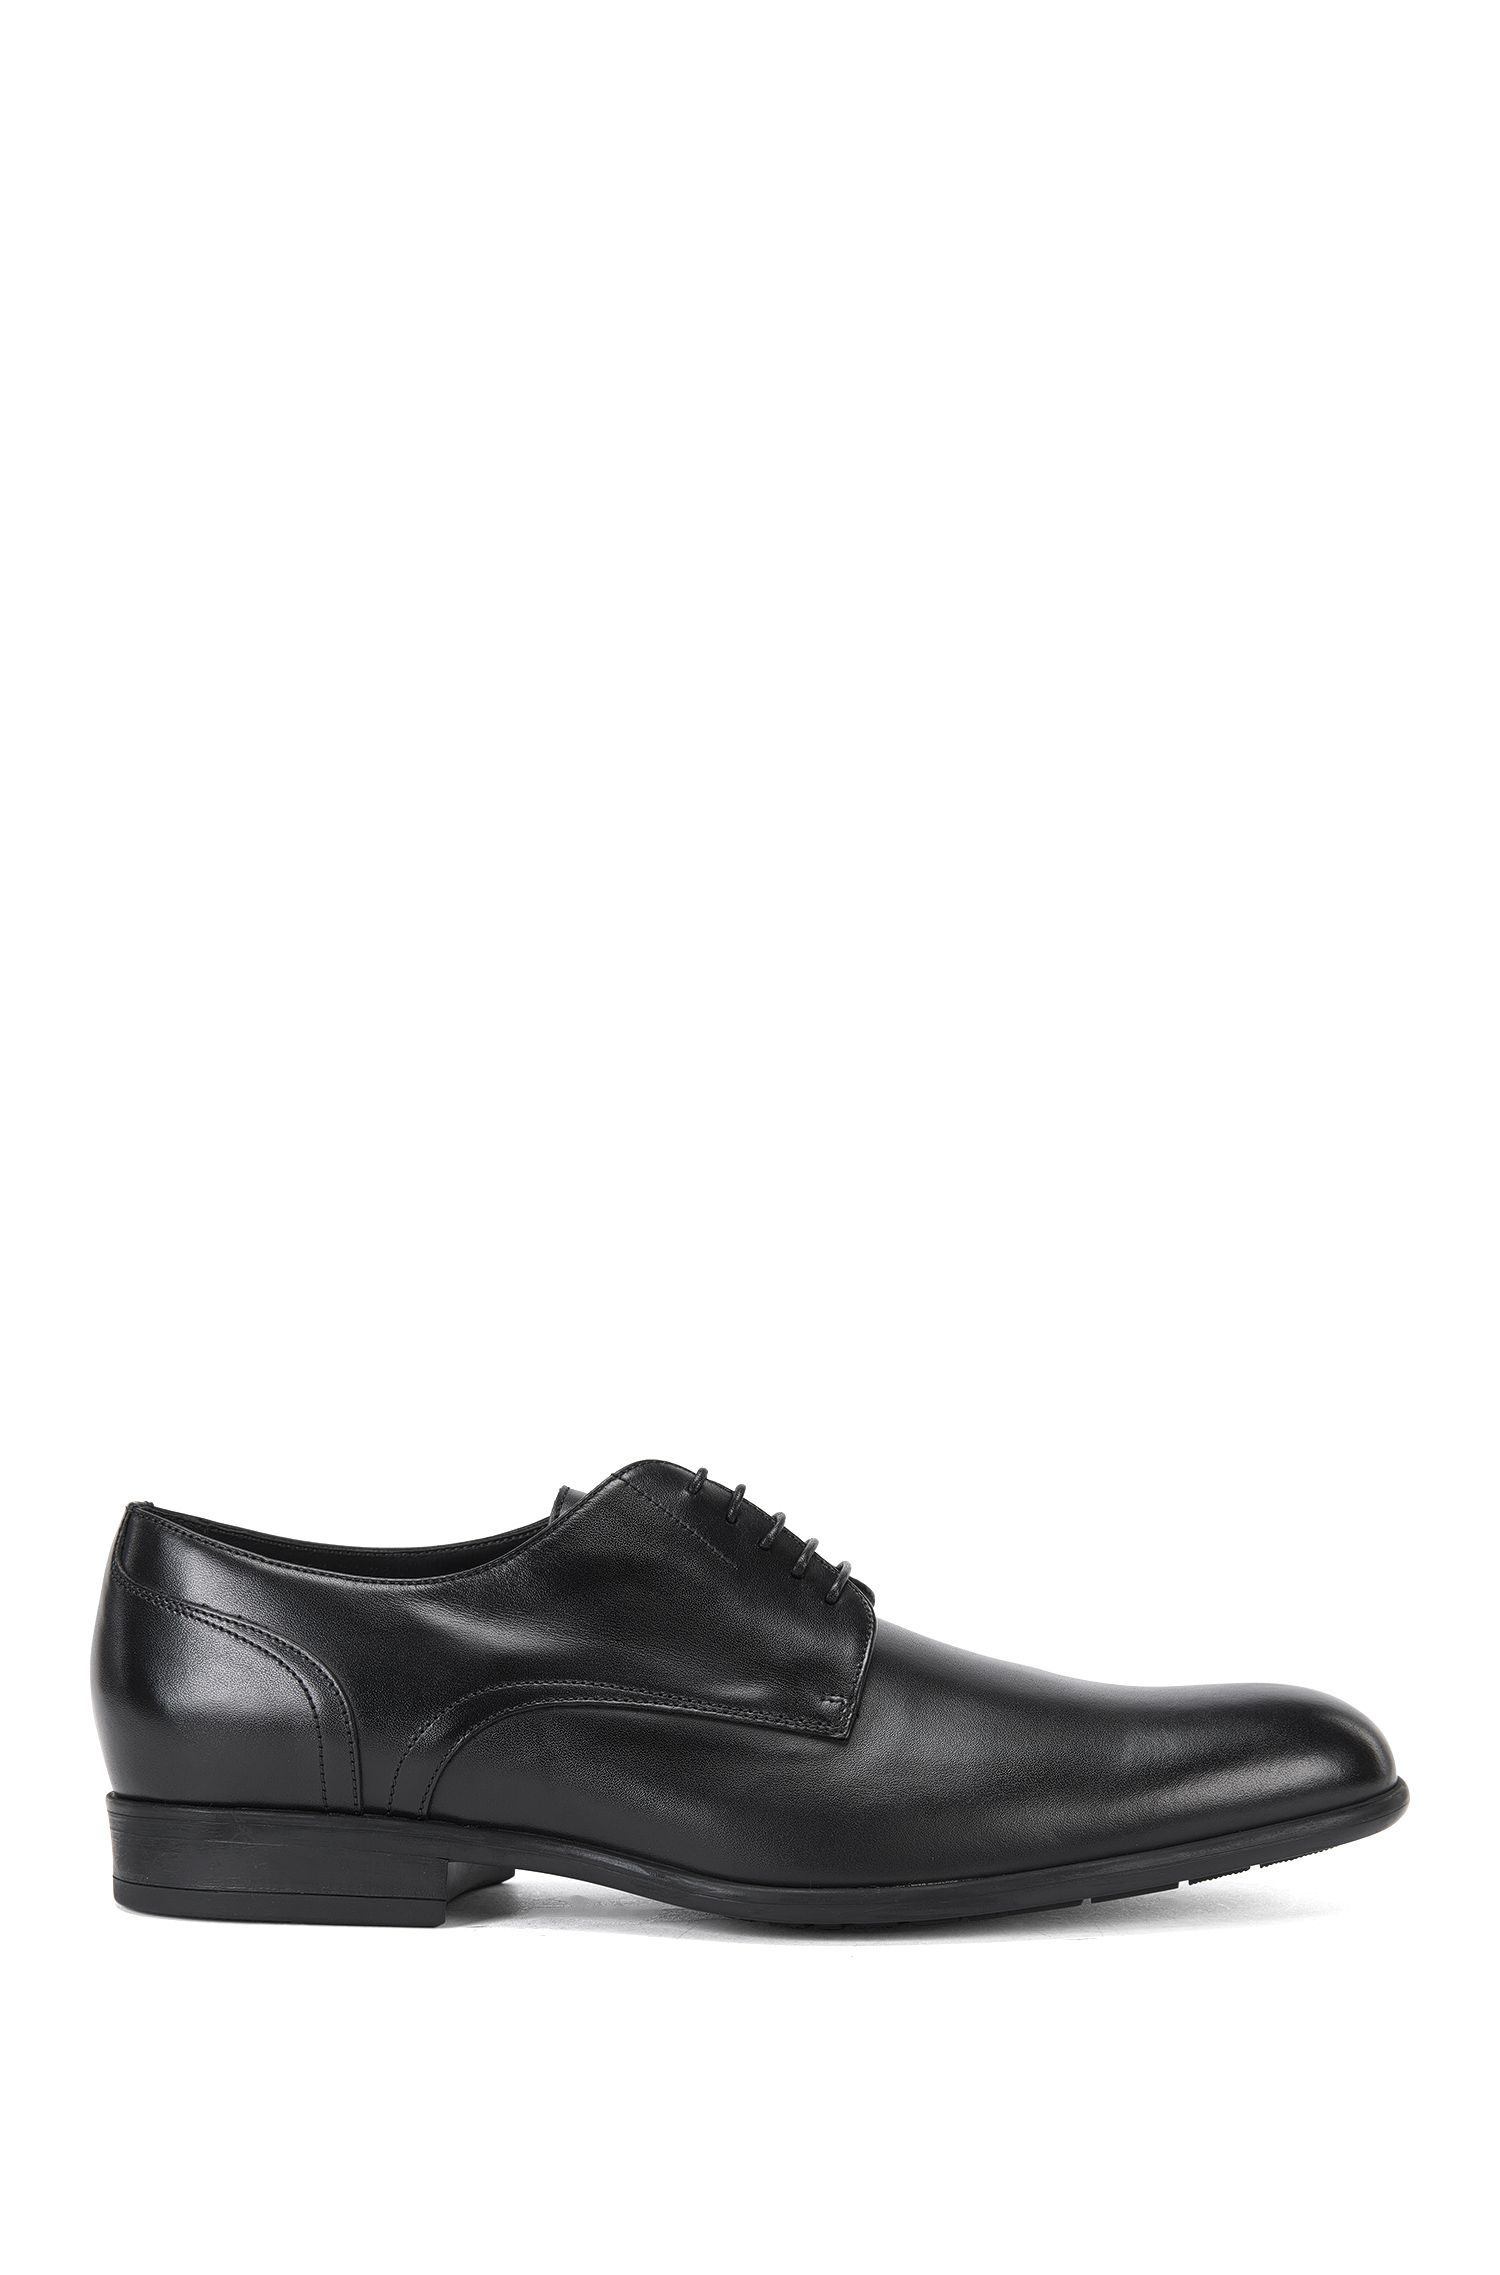 Schnürschuhe aus Leder im Derby-Stil: 'Gentleman_Derb_pl'